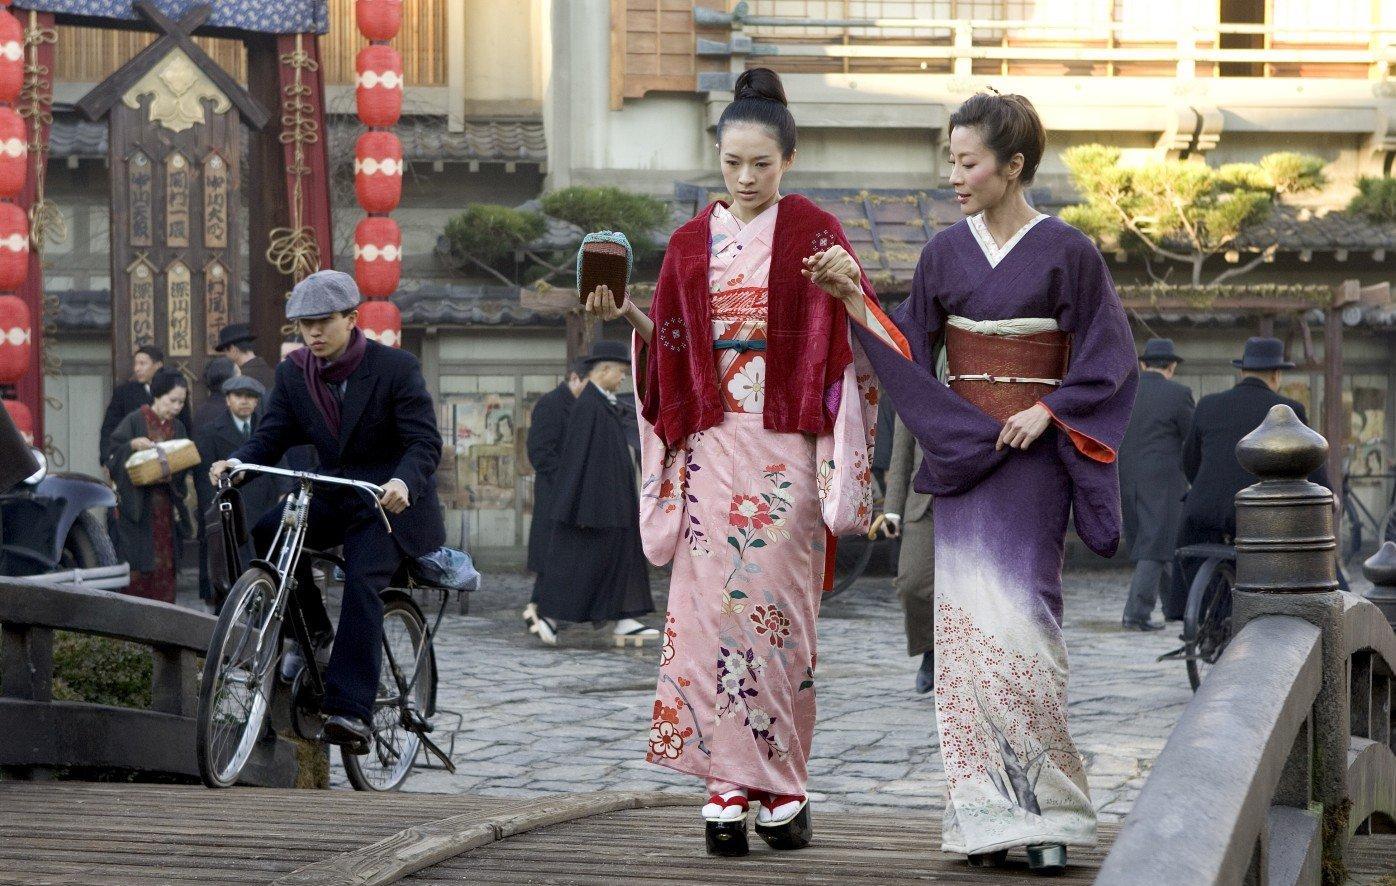 sind geishas prostituierte stellungen namen